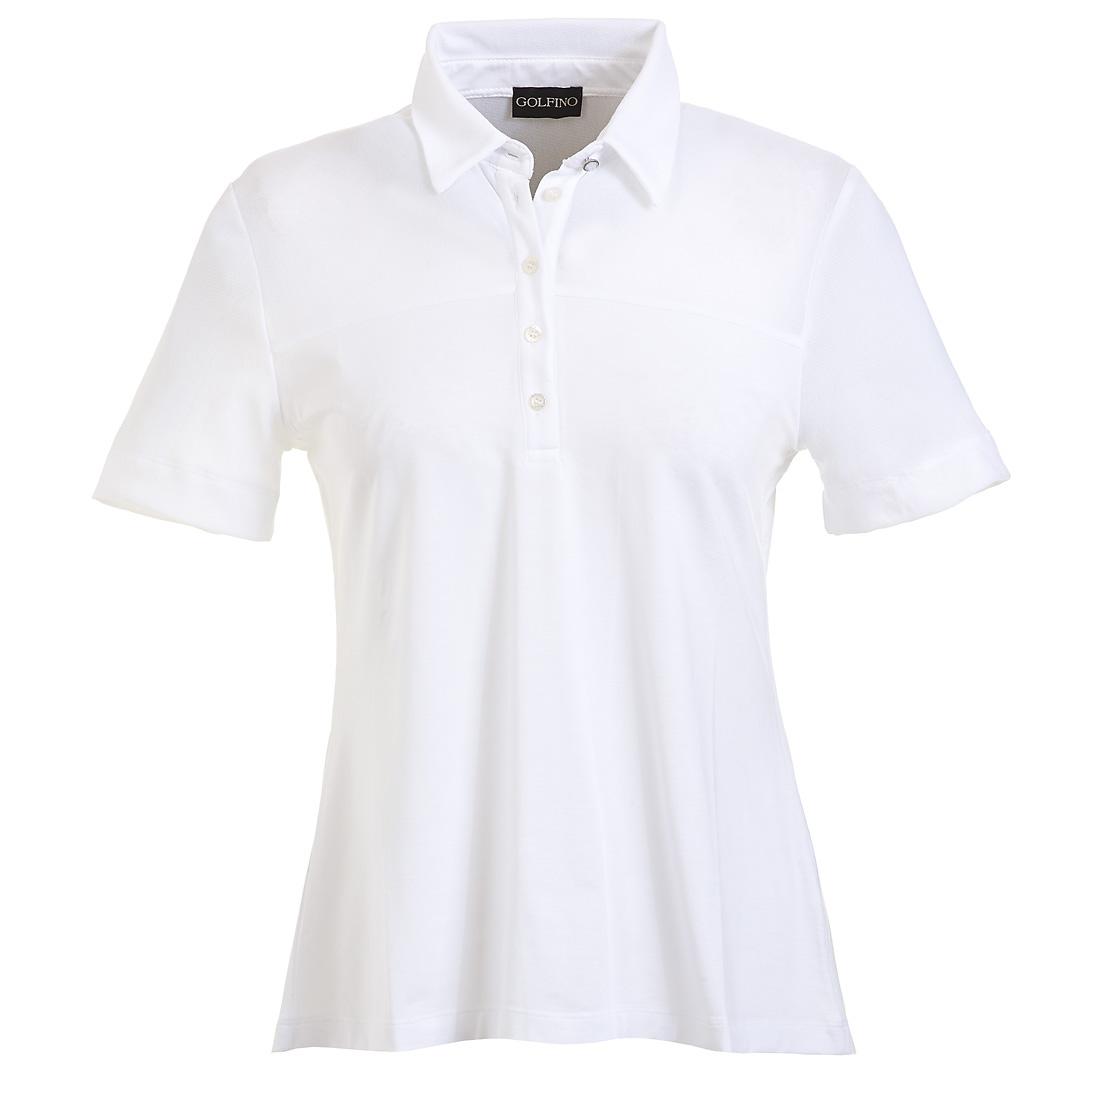 Weitgeschnittenes Kurzarm Poloshirt